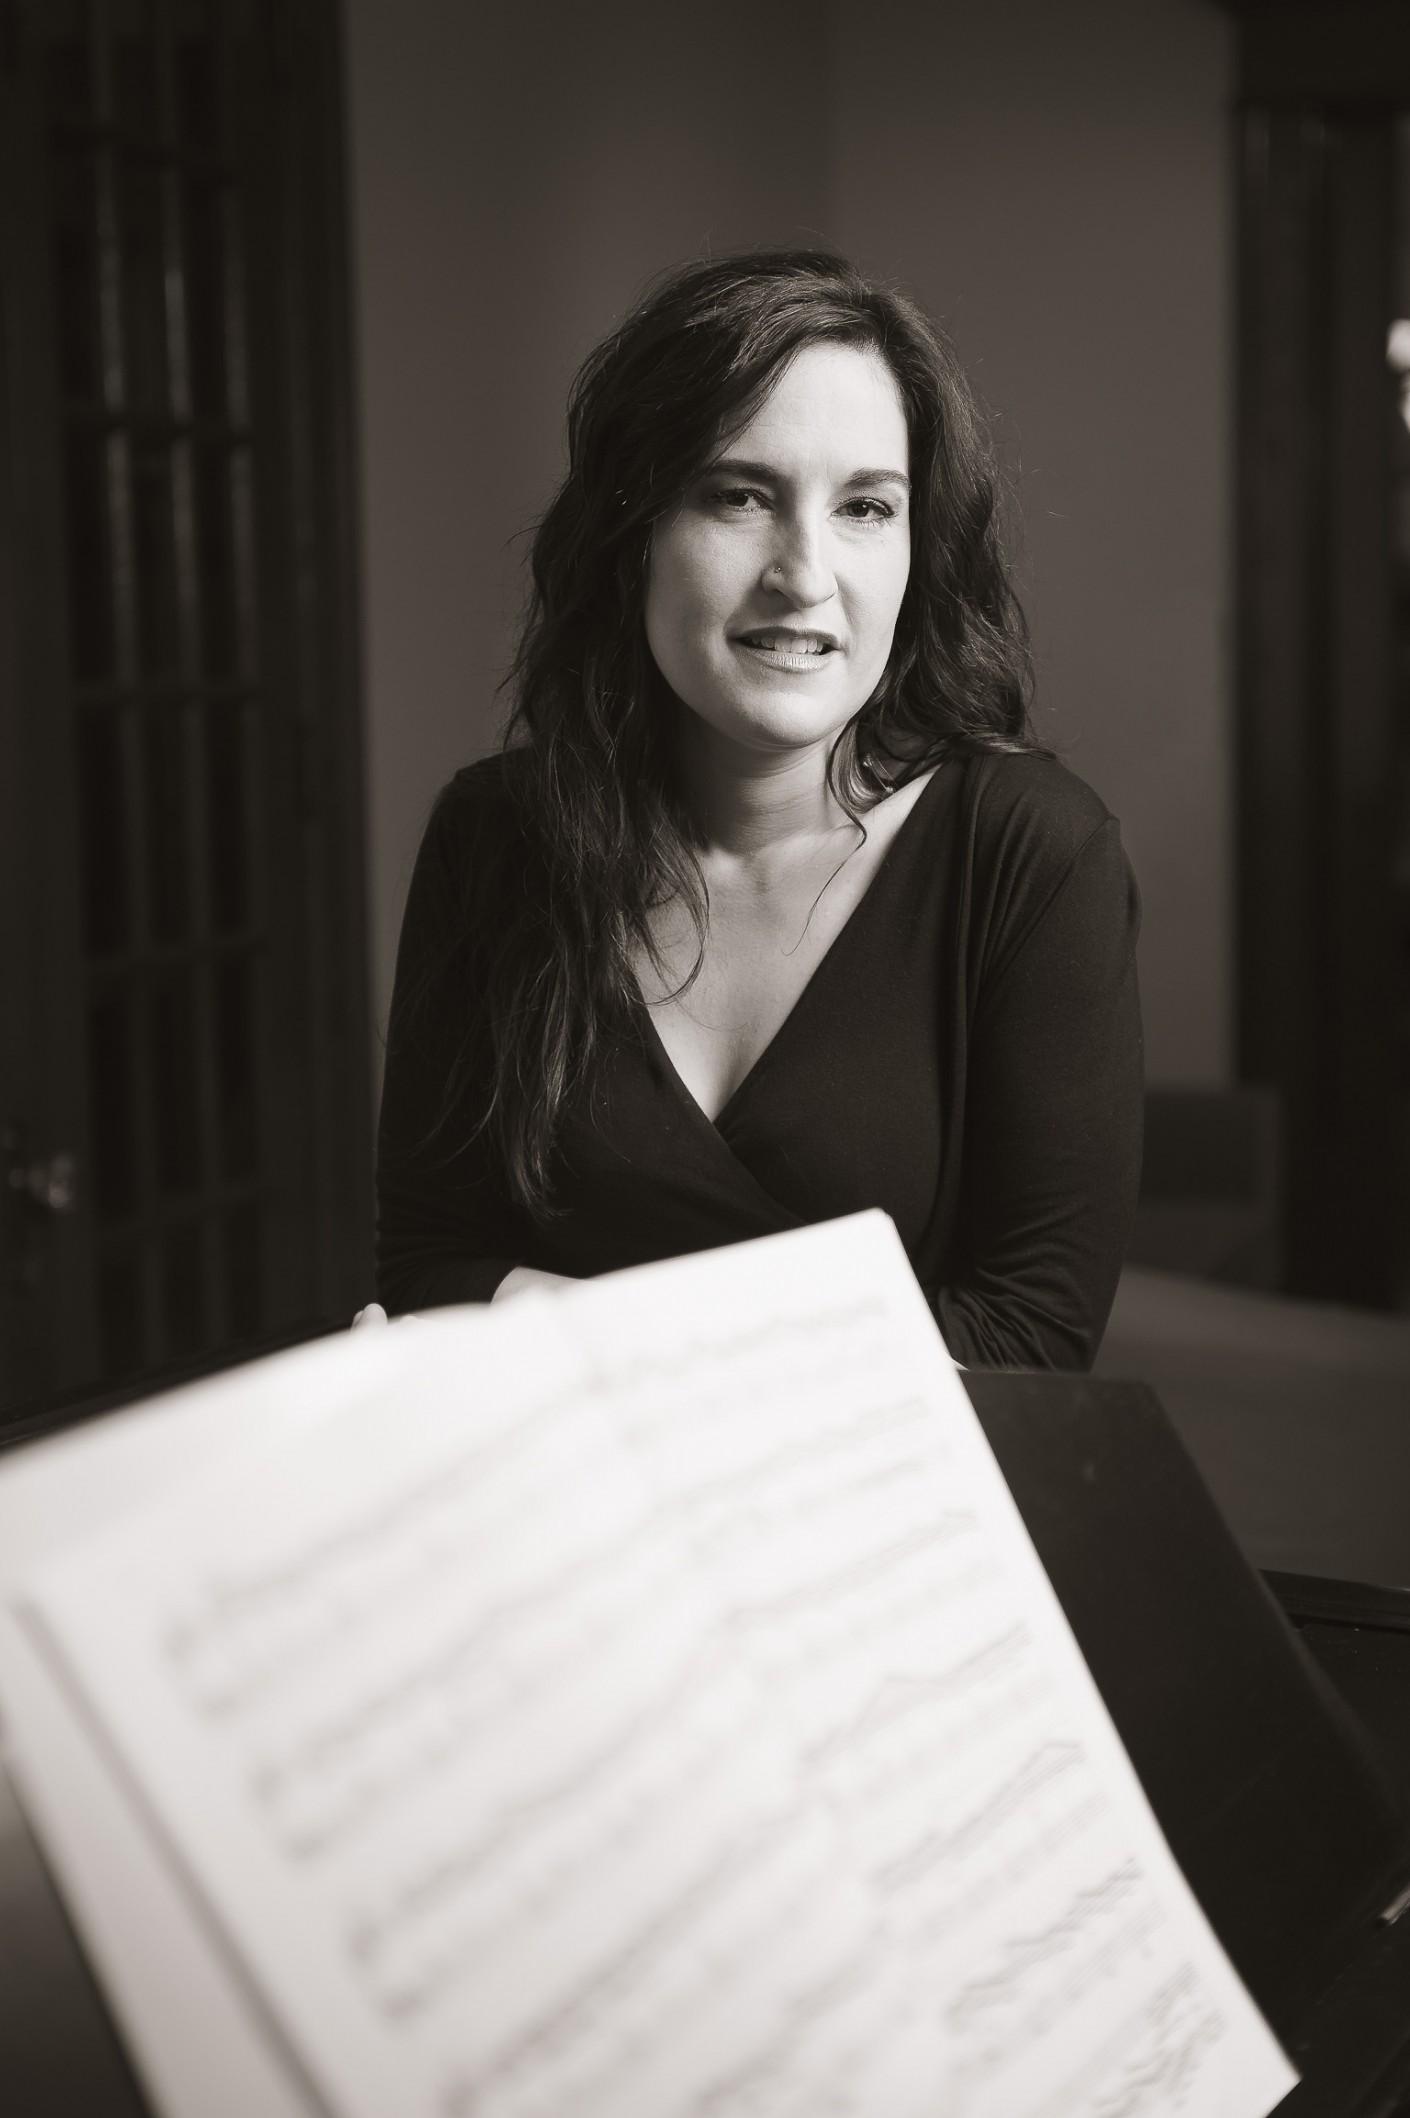 Casting : Roseline Blain -Roseline Blain - Pianiste & chef de choral, KW:  Artiste, Musicien, Noir & Blanc, RoselineBlain